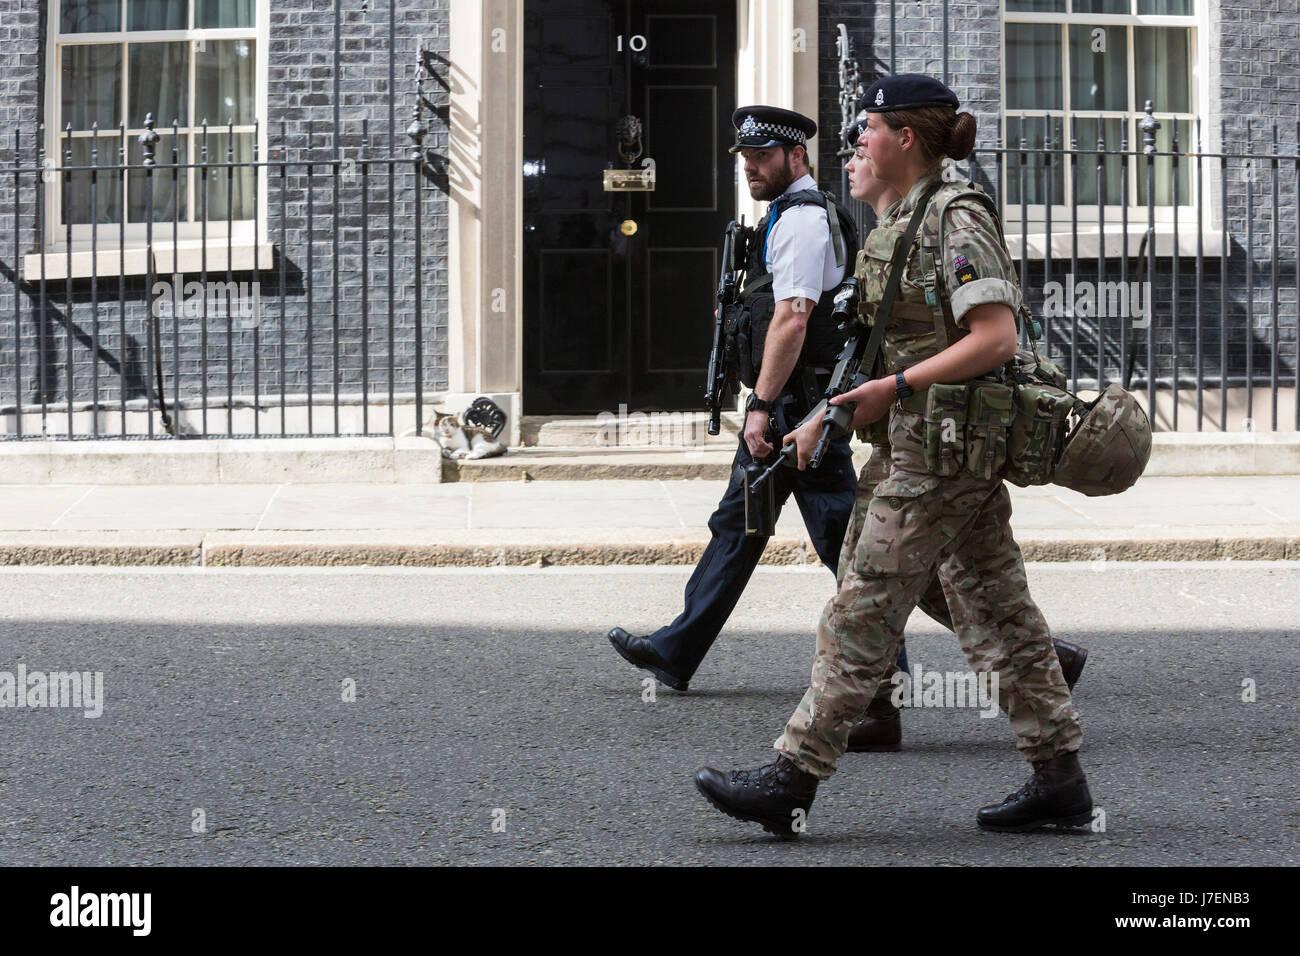 Londres, Reino Unido. 24 de mayo de 2017. Un oficial de policía y dos soldados mujeres caminando delante de Imagen De Stock